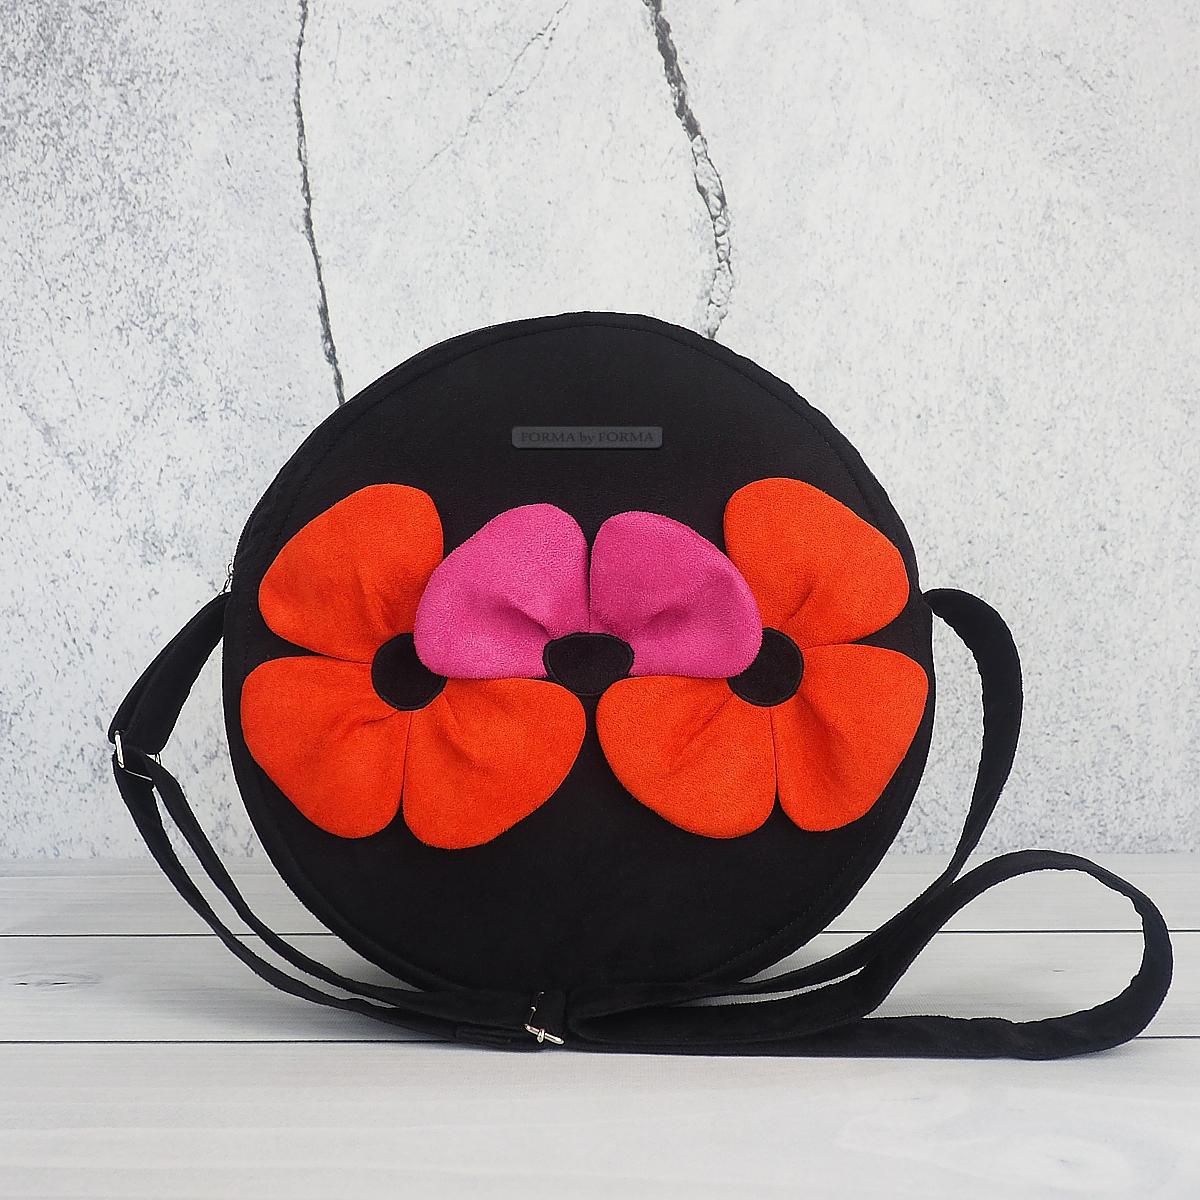 a6c8877c98f23 Torebka okrągła czarna - Trzy kwiaty - Sklep z torebkami autorskimi